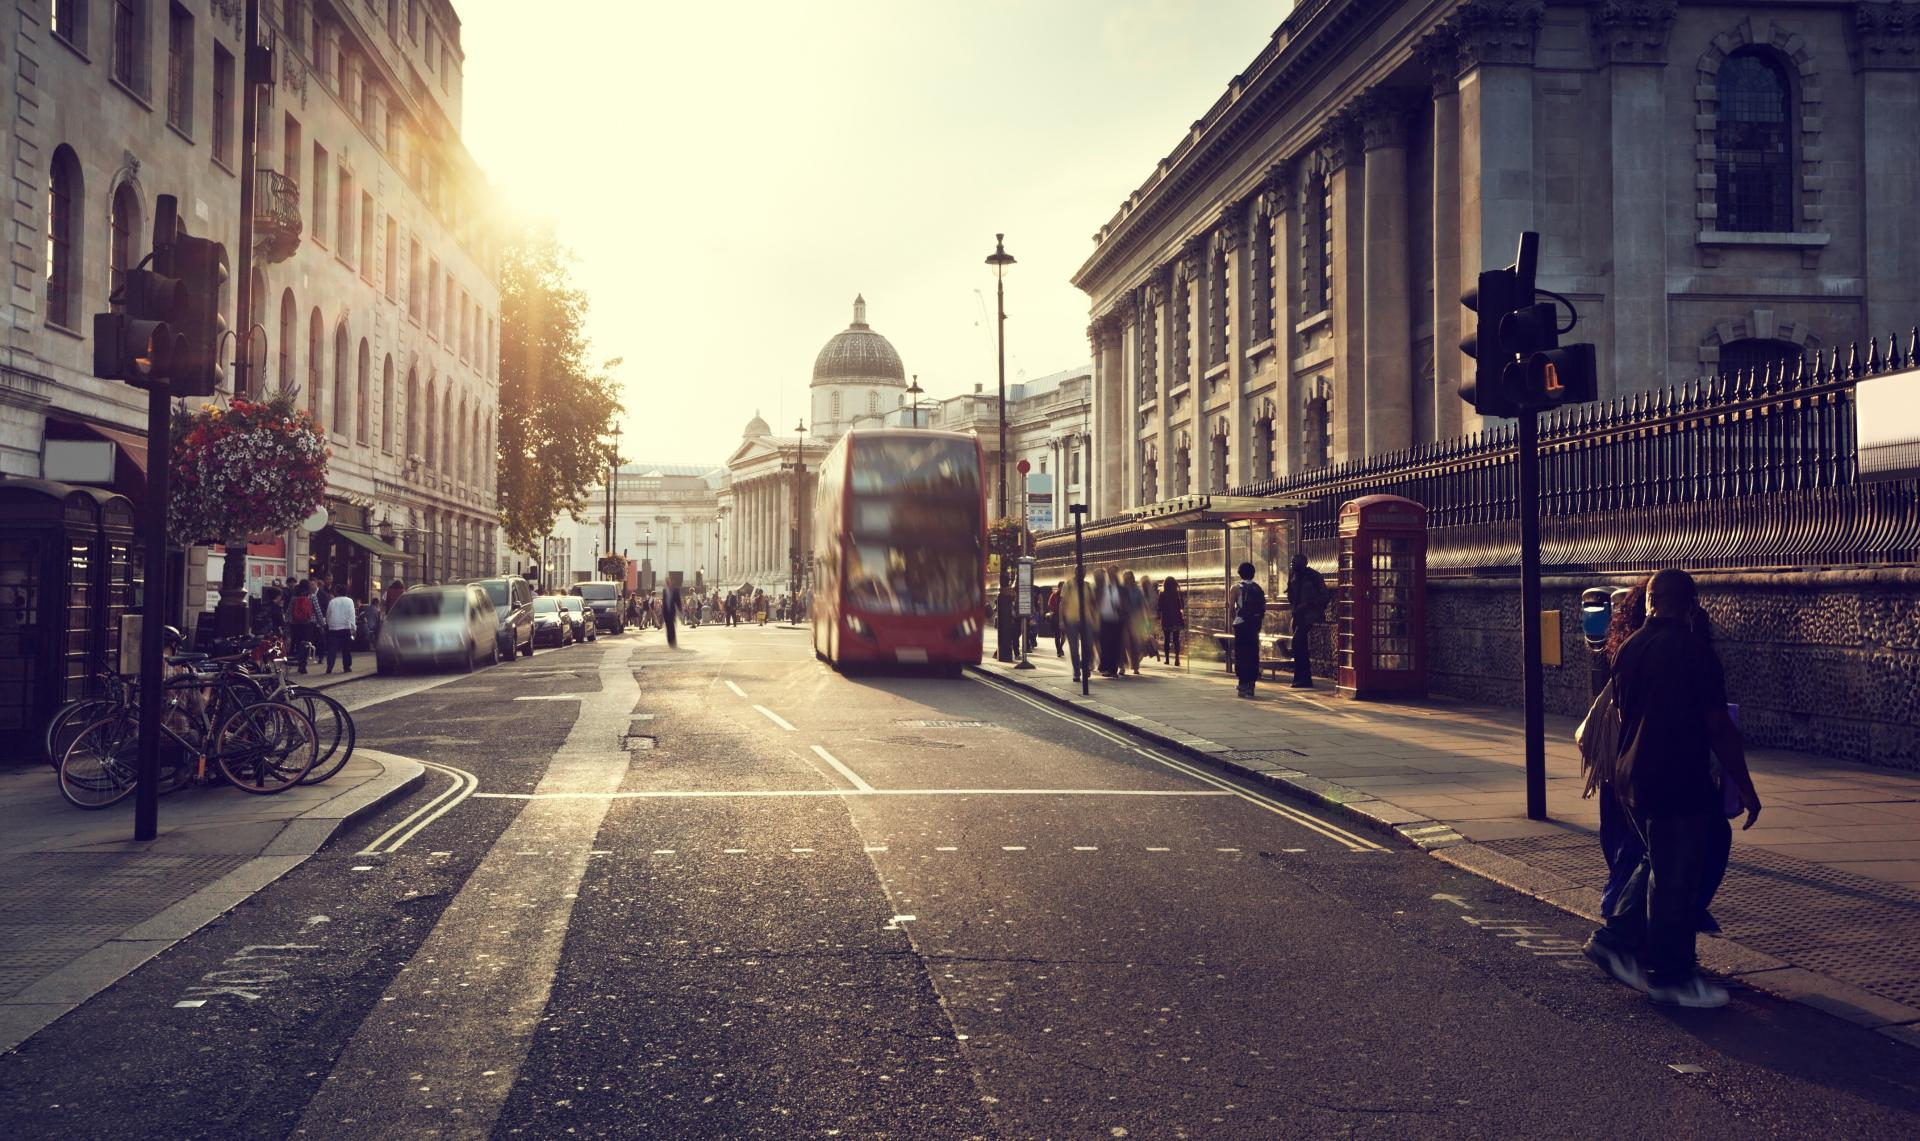 Atracciones turísticas y monumentos de Londres